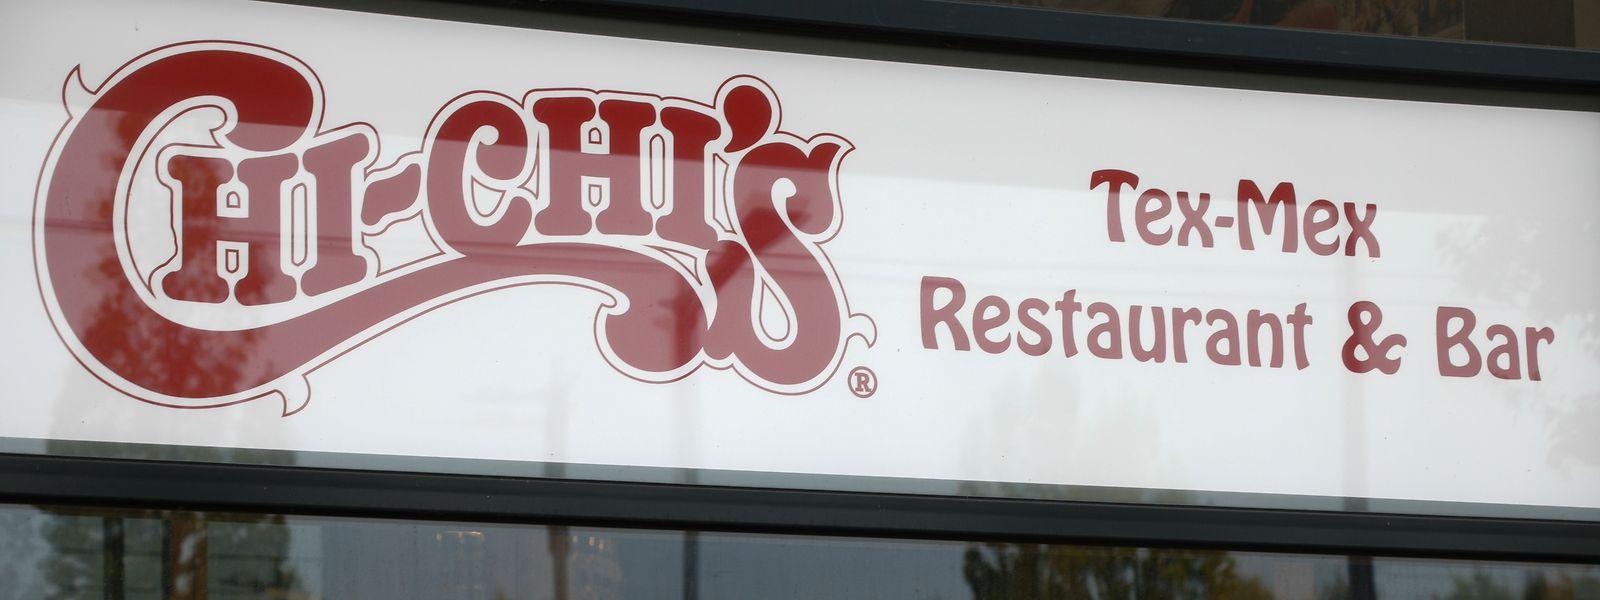 """Am 30. September schließt die Restaurantkette """"Chi-Chi's"""" ihre beiden Ableger in Luxemburg."""